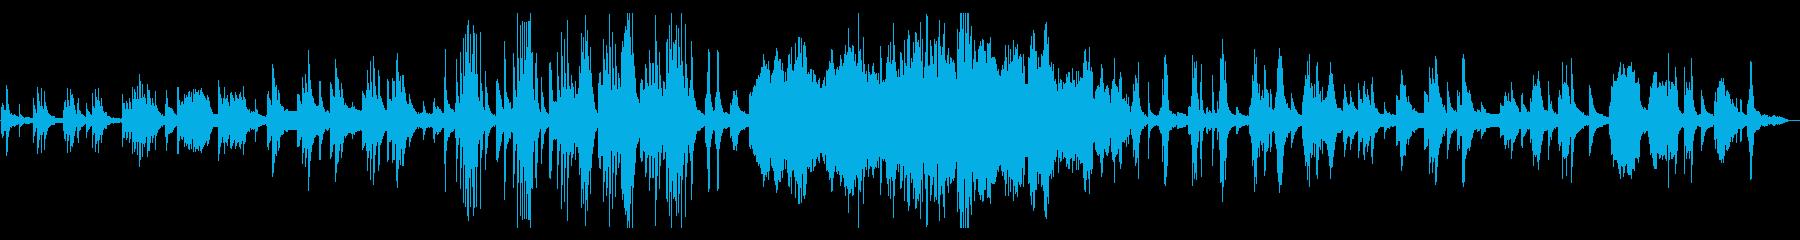 ドビュッシー/月の光/幻想的/高音質の再生済みの波形